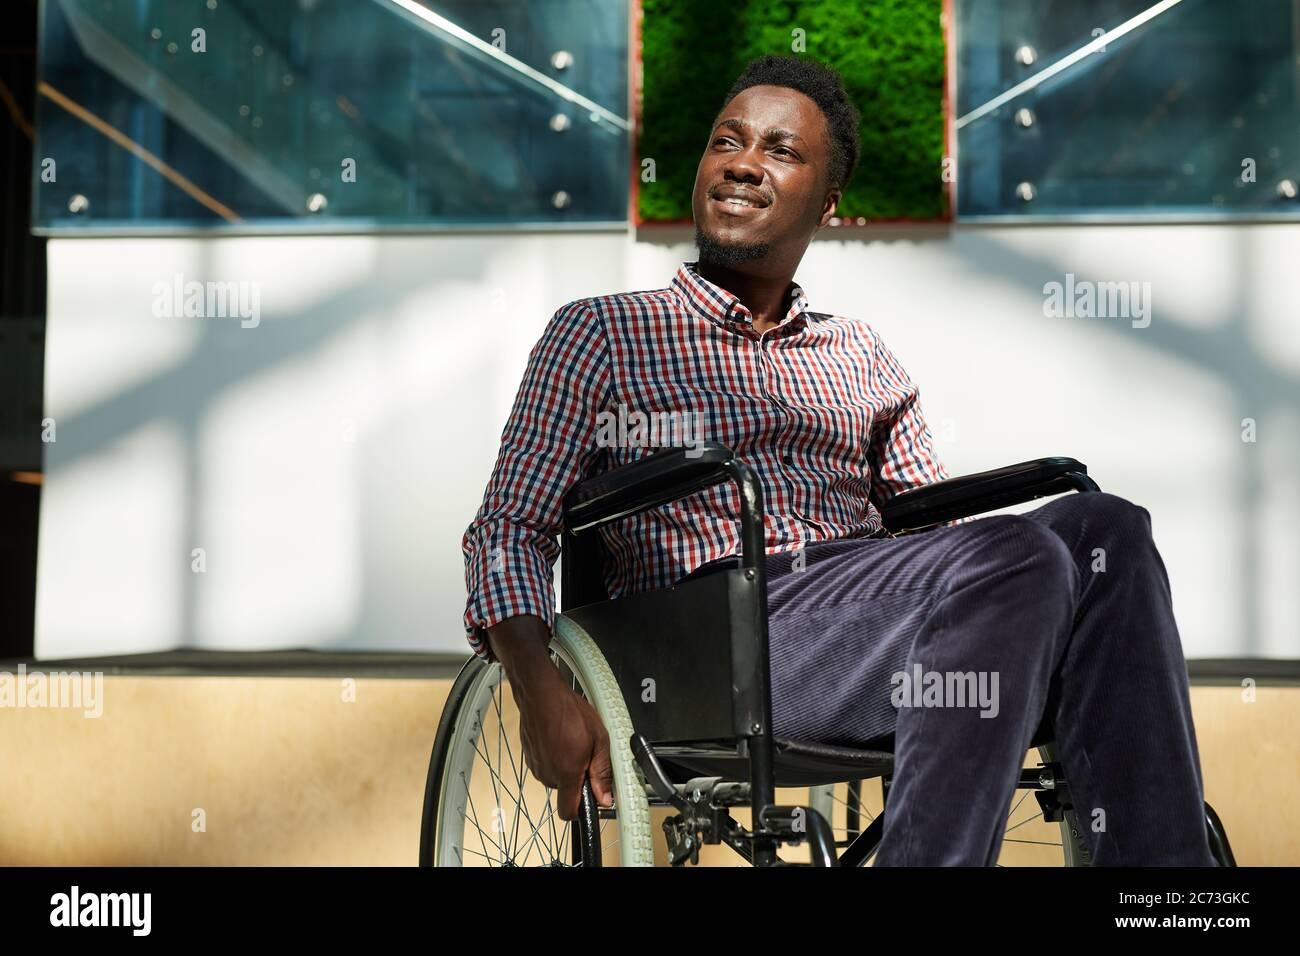 Hombre africano en silla de ruedas mirando a distancia y sonriendo en la oficina moderna Foto de stock